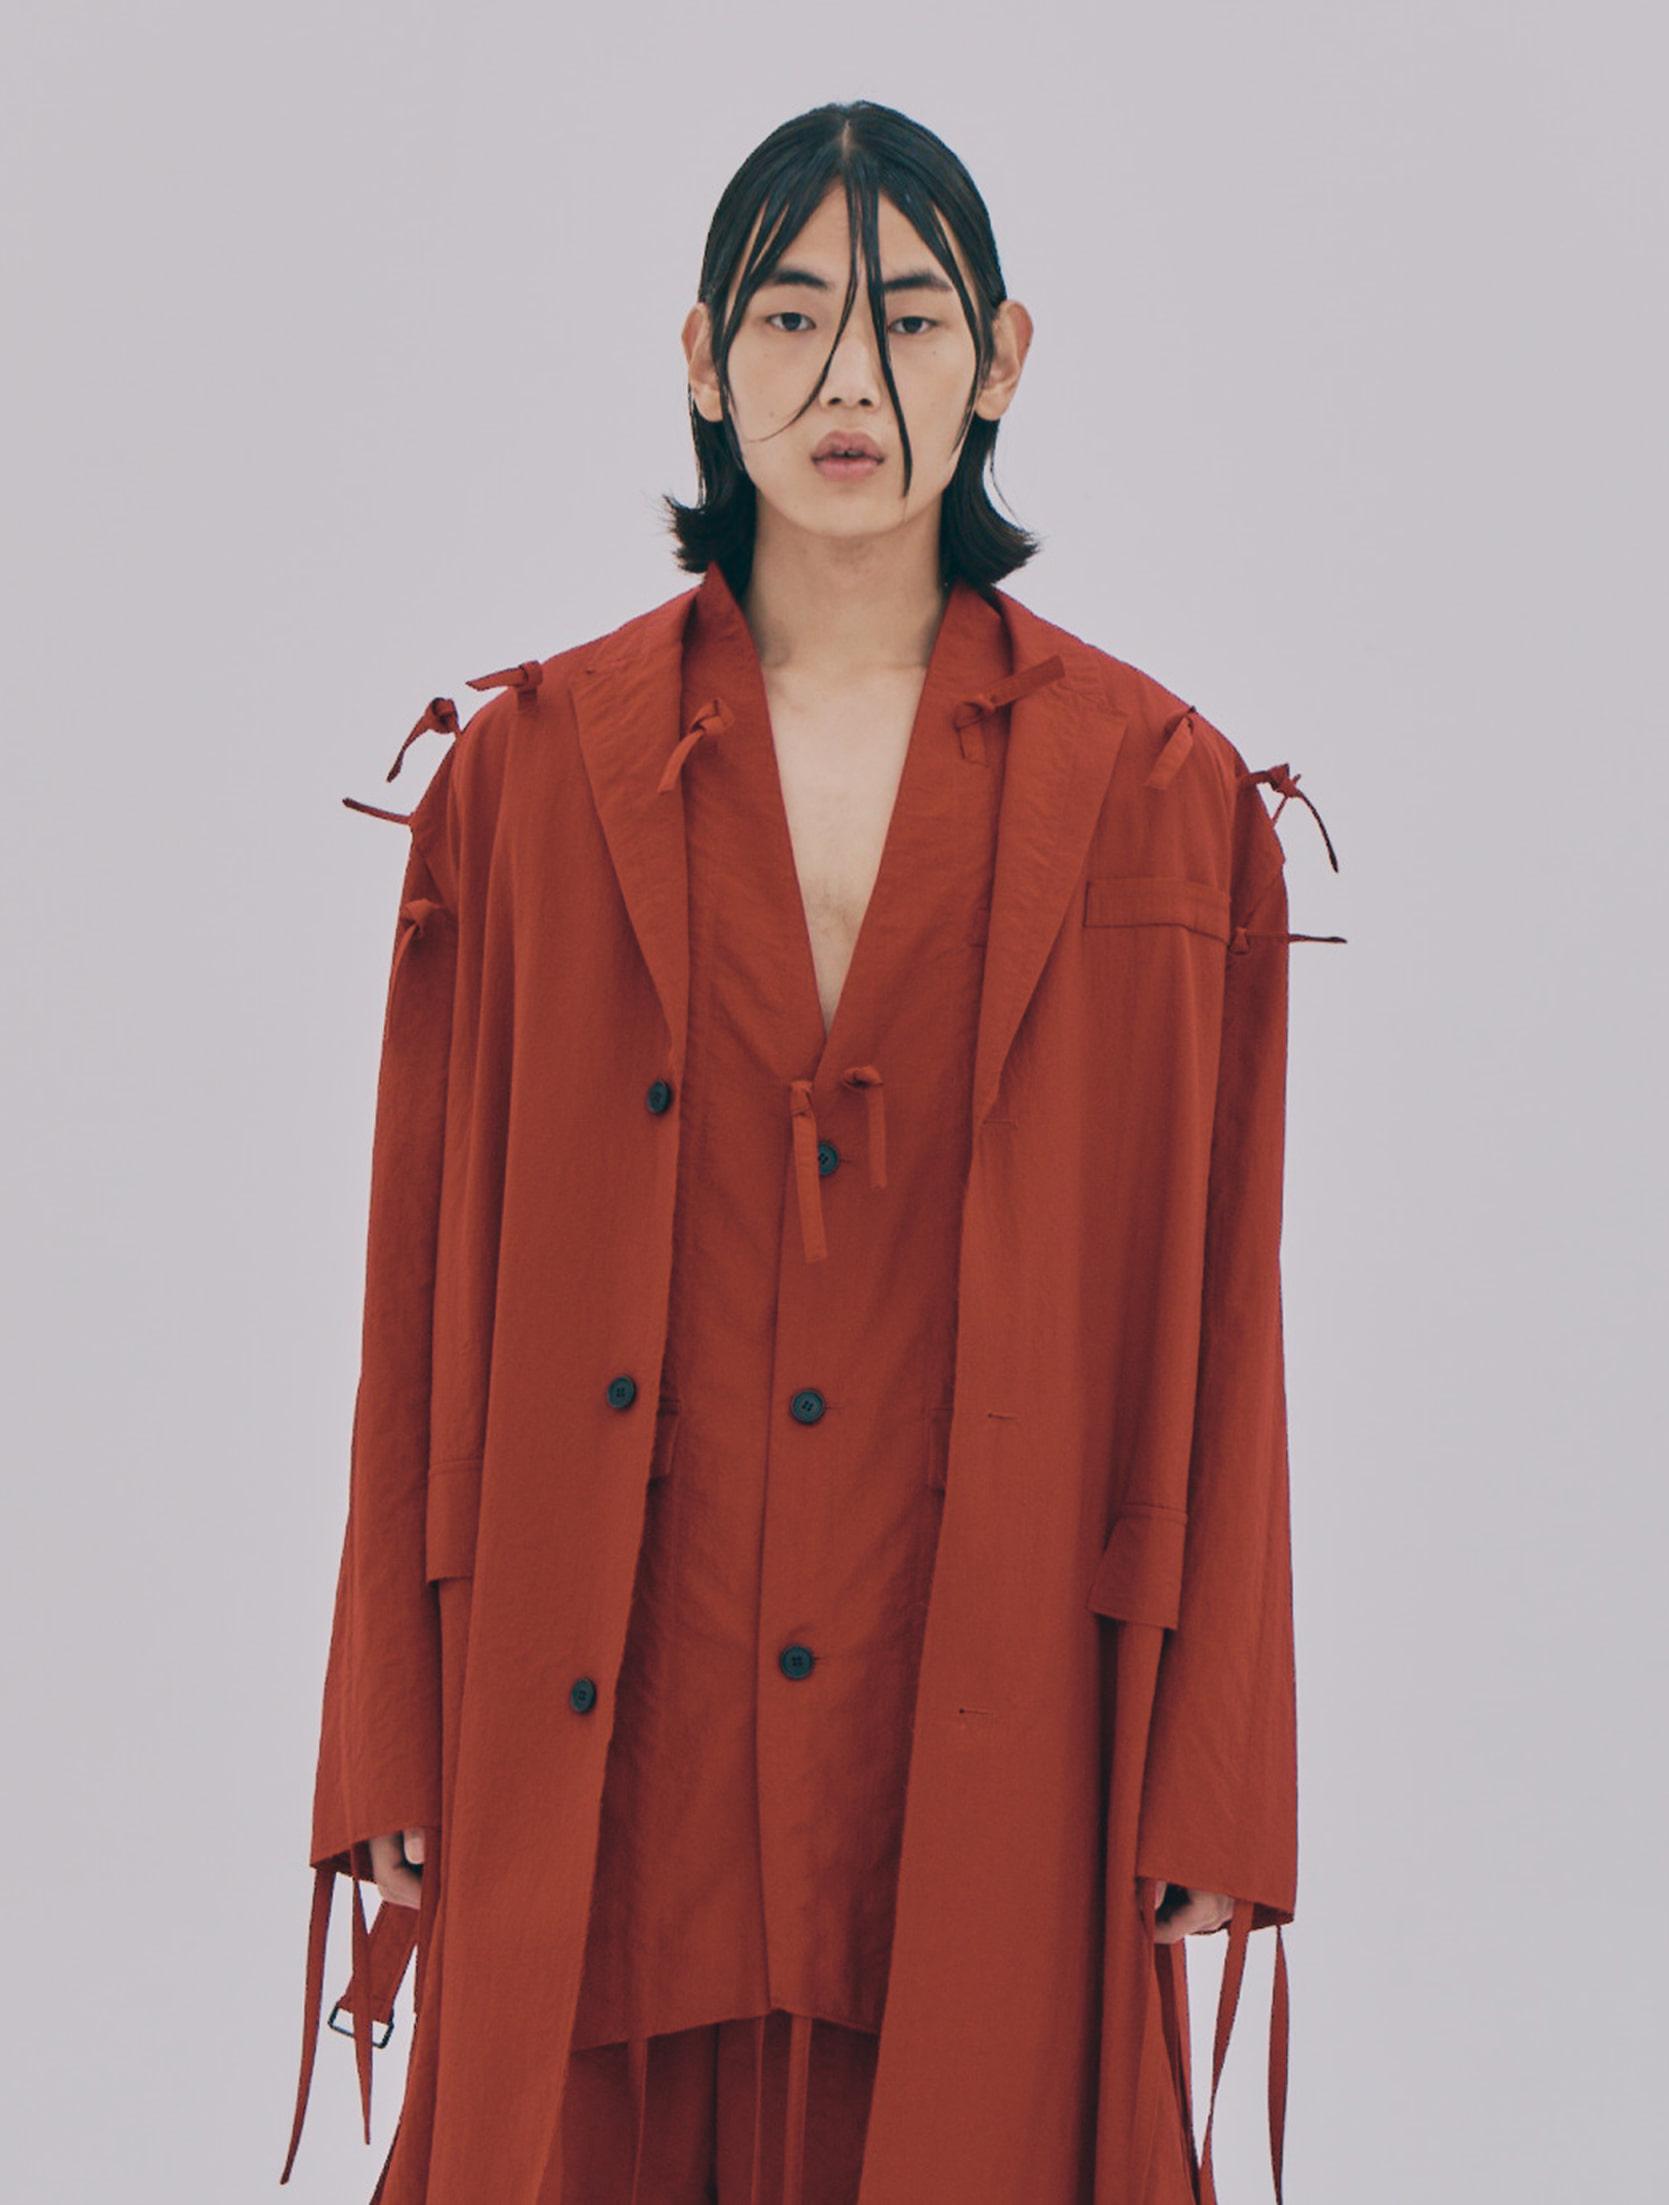 Red Strap Fringe Detailed Neck Vent Single Breasted Vest